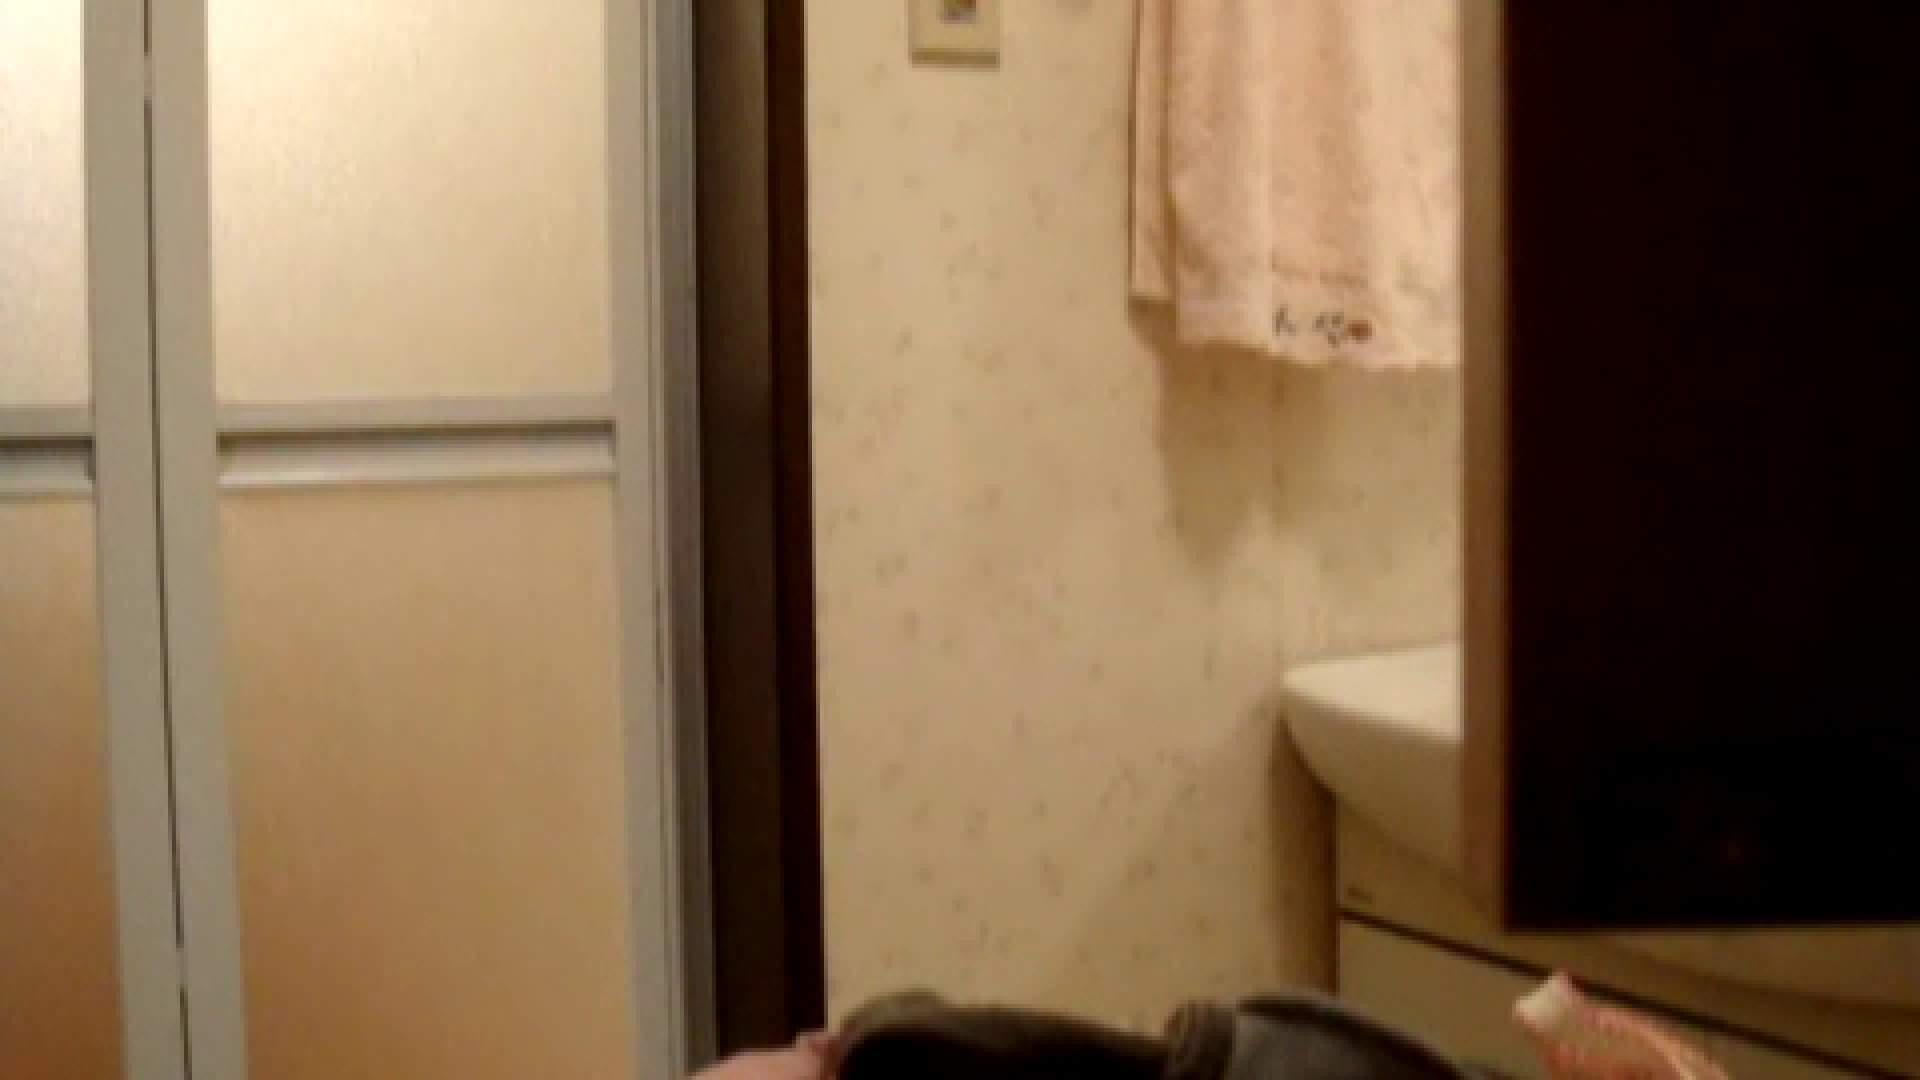 二人とも育てた甲斐がありました… vol.08 まどかの入浴中にカメラに気付いたか!? OLのエロ生活   ギャル入浴  71連発 71